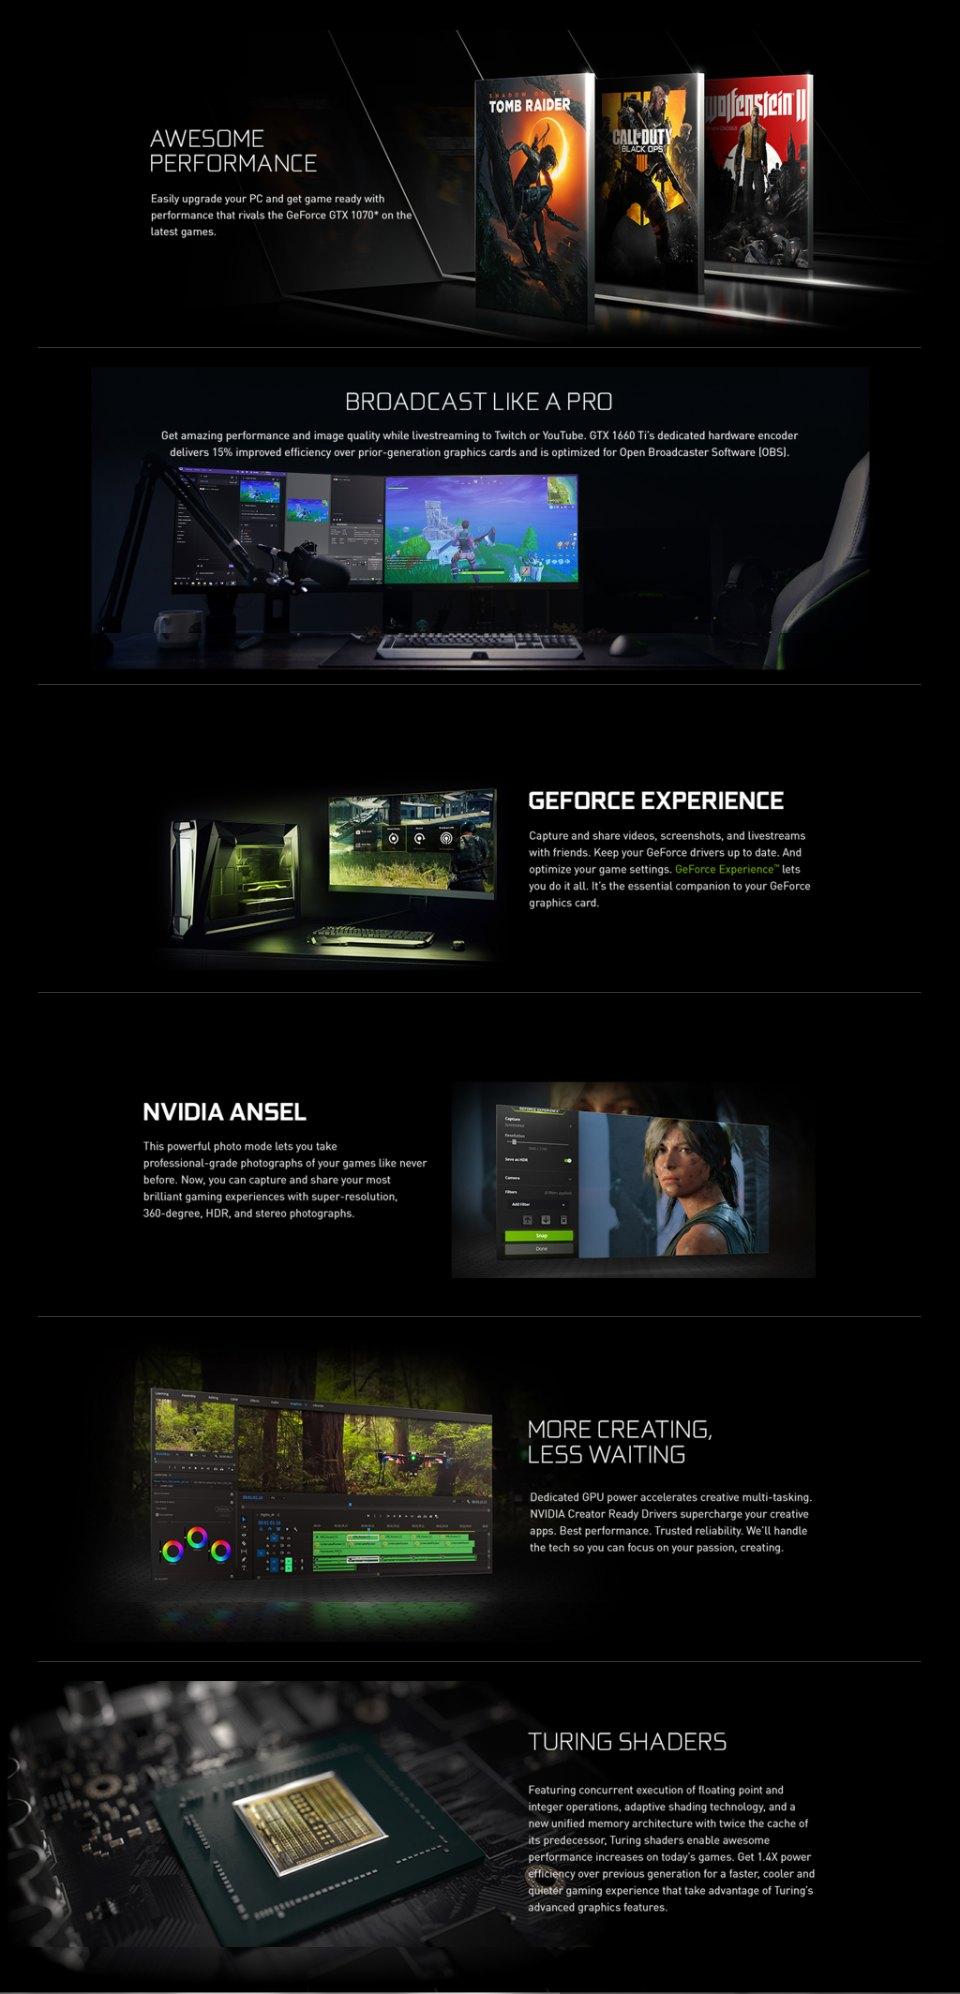 Gigabyte GeForce GTX 1650 Super OC 4GB features 3